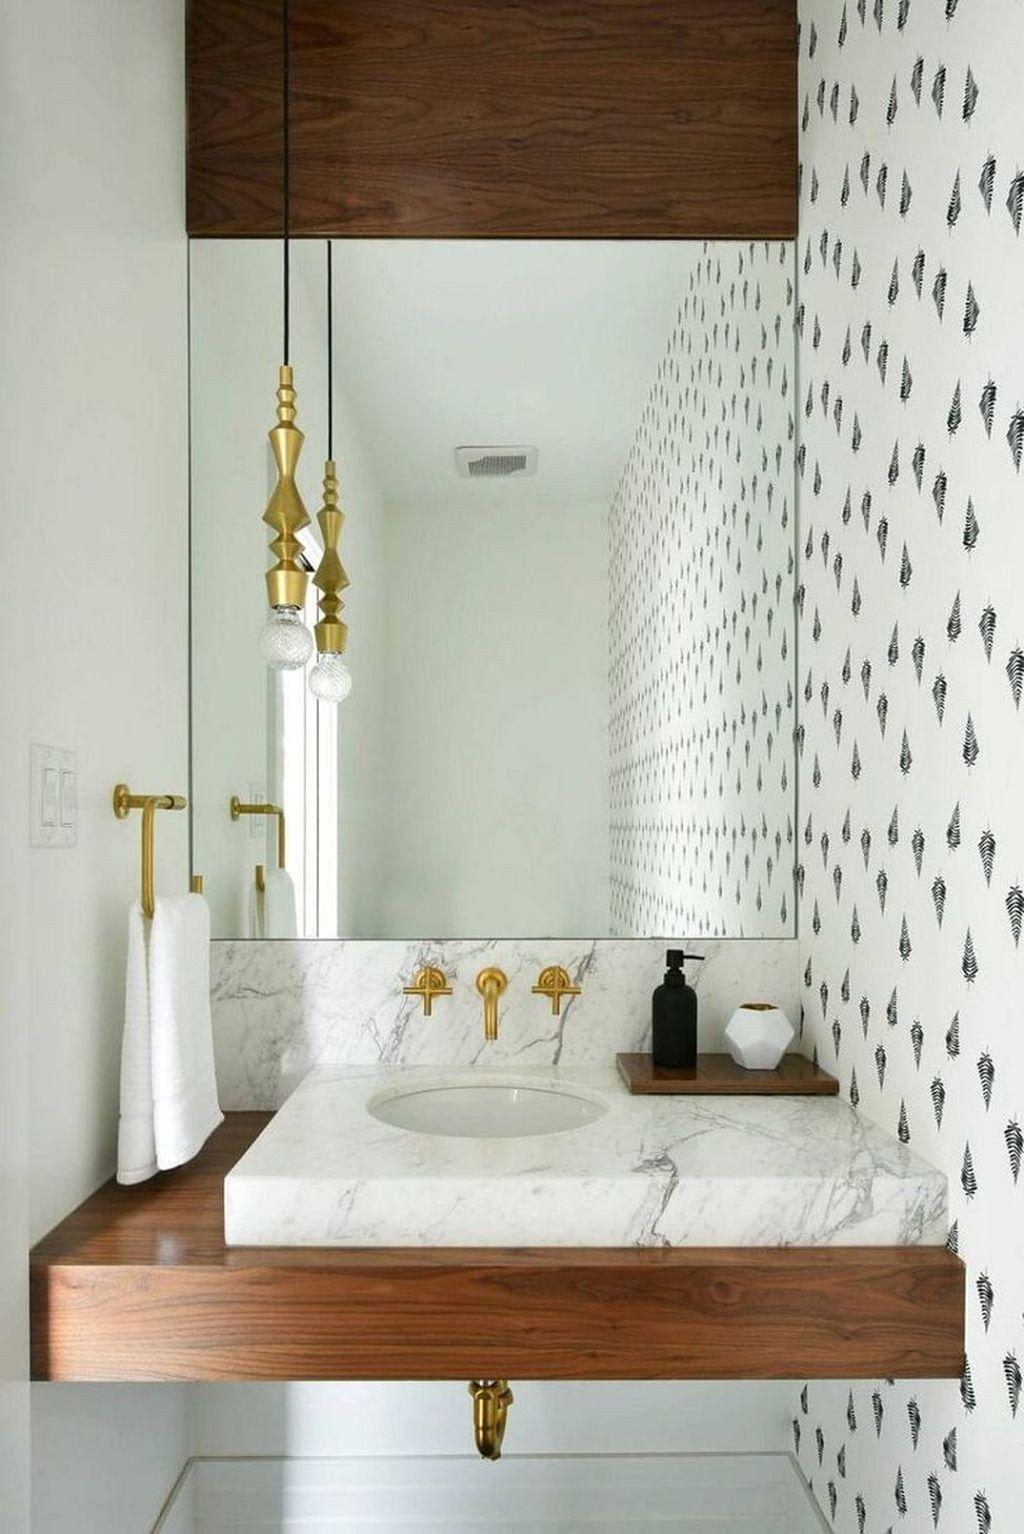 20 Elegante Kleine Puderraum Waschtischideen Erlaubt Fur Sie Auf Meiner Eigenen Blog Site Auf Powder Room Small Powder Room Vanity Modern Powder Rooms